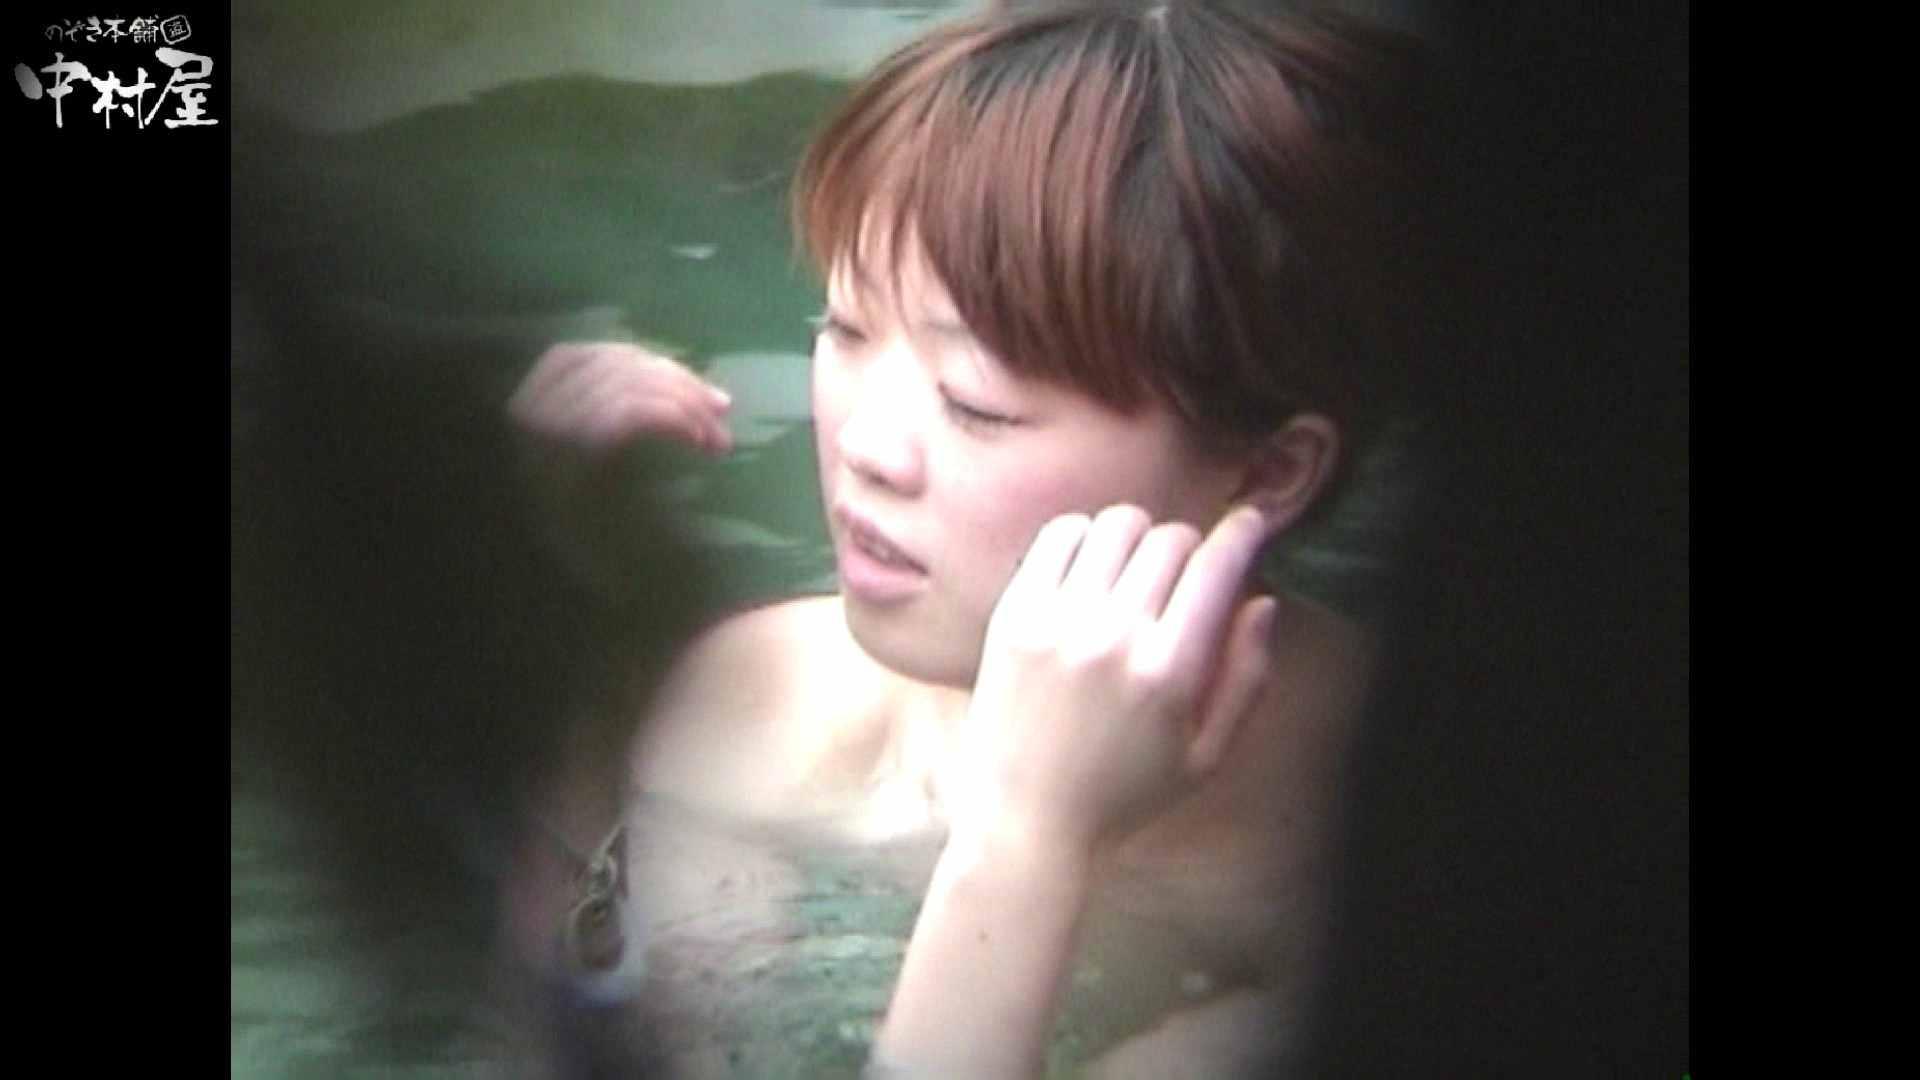 Aquaな露天風呂Vol.954 OLのエロ生活  113連発 51